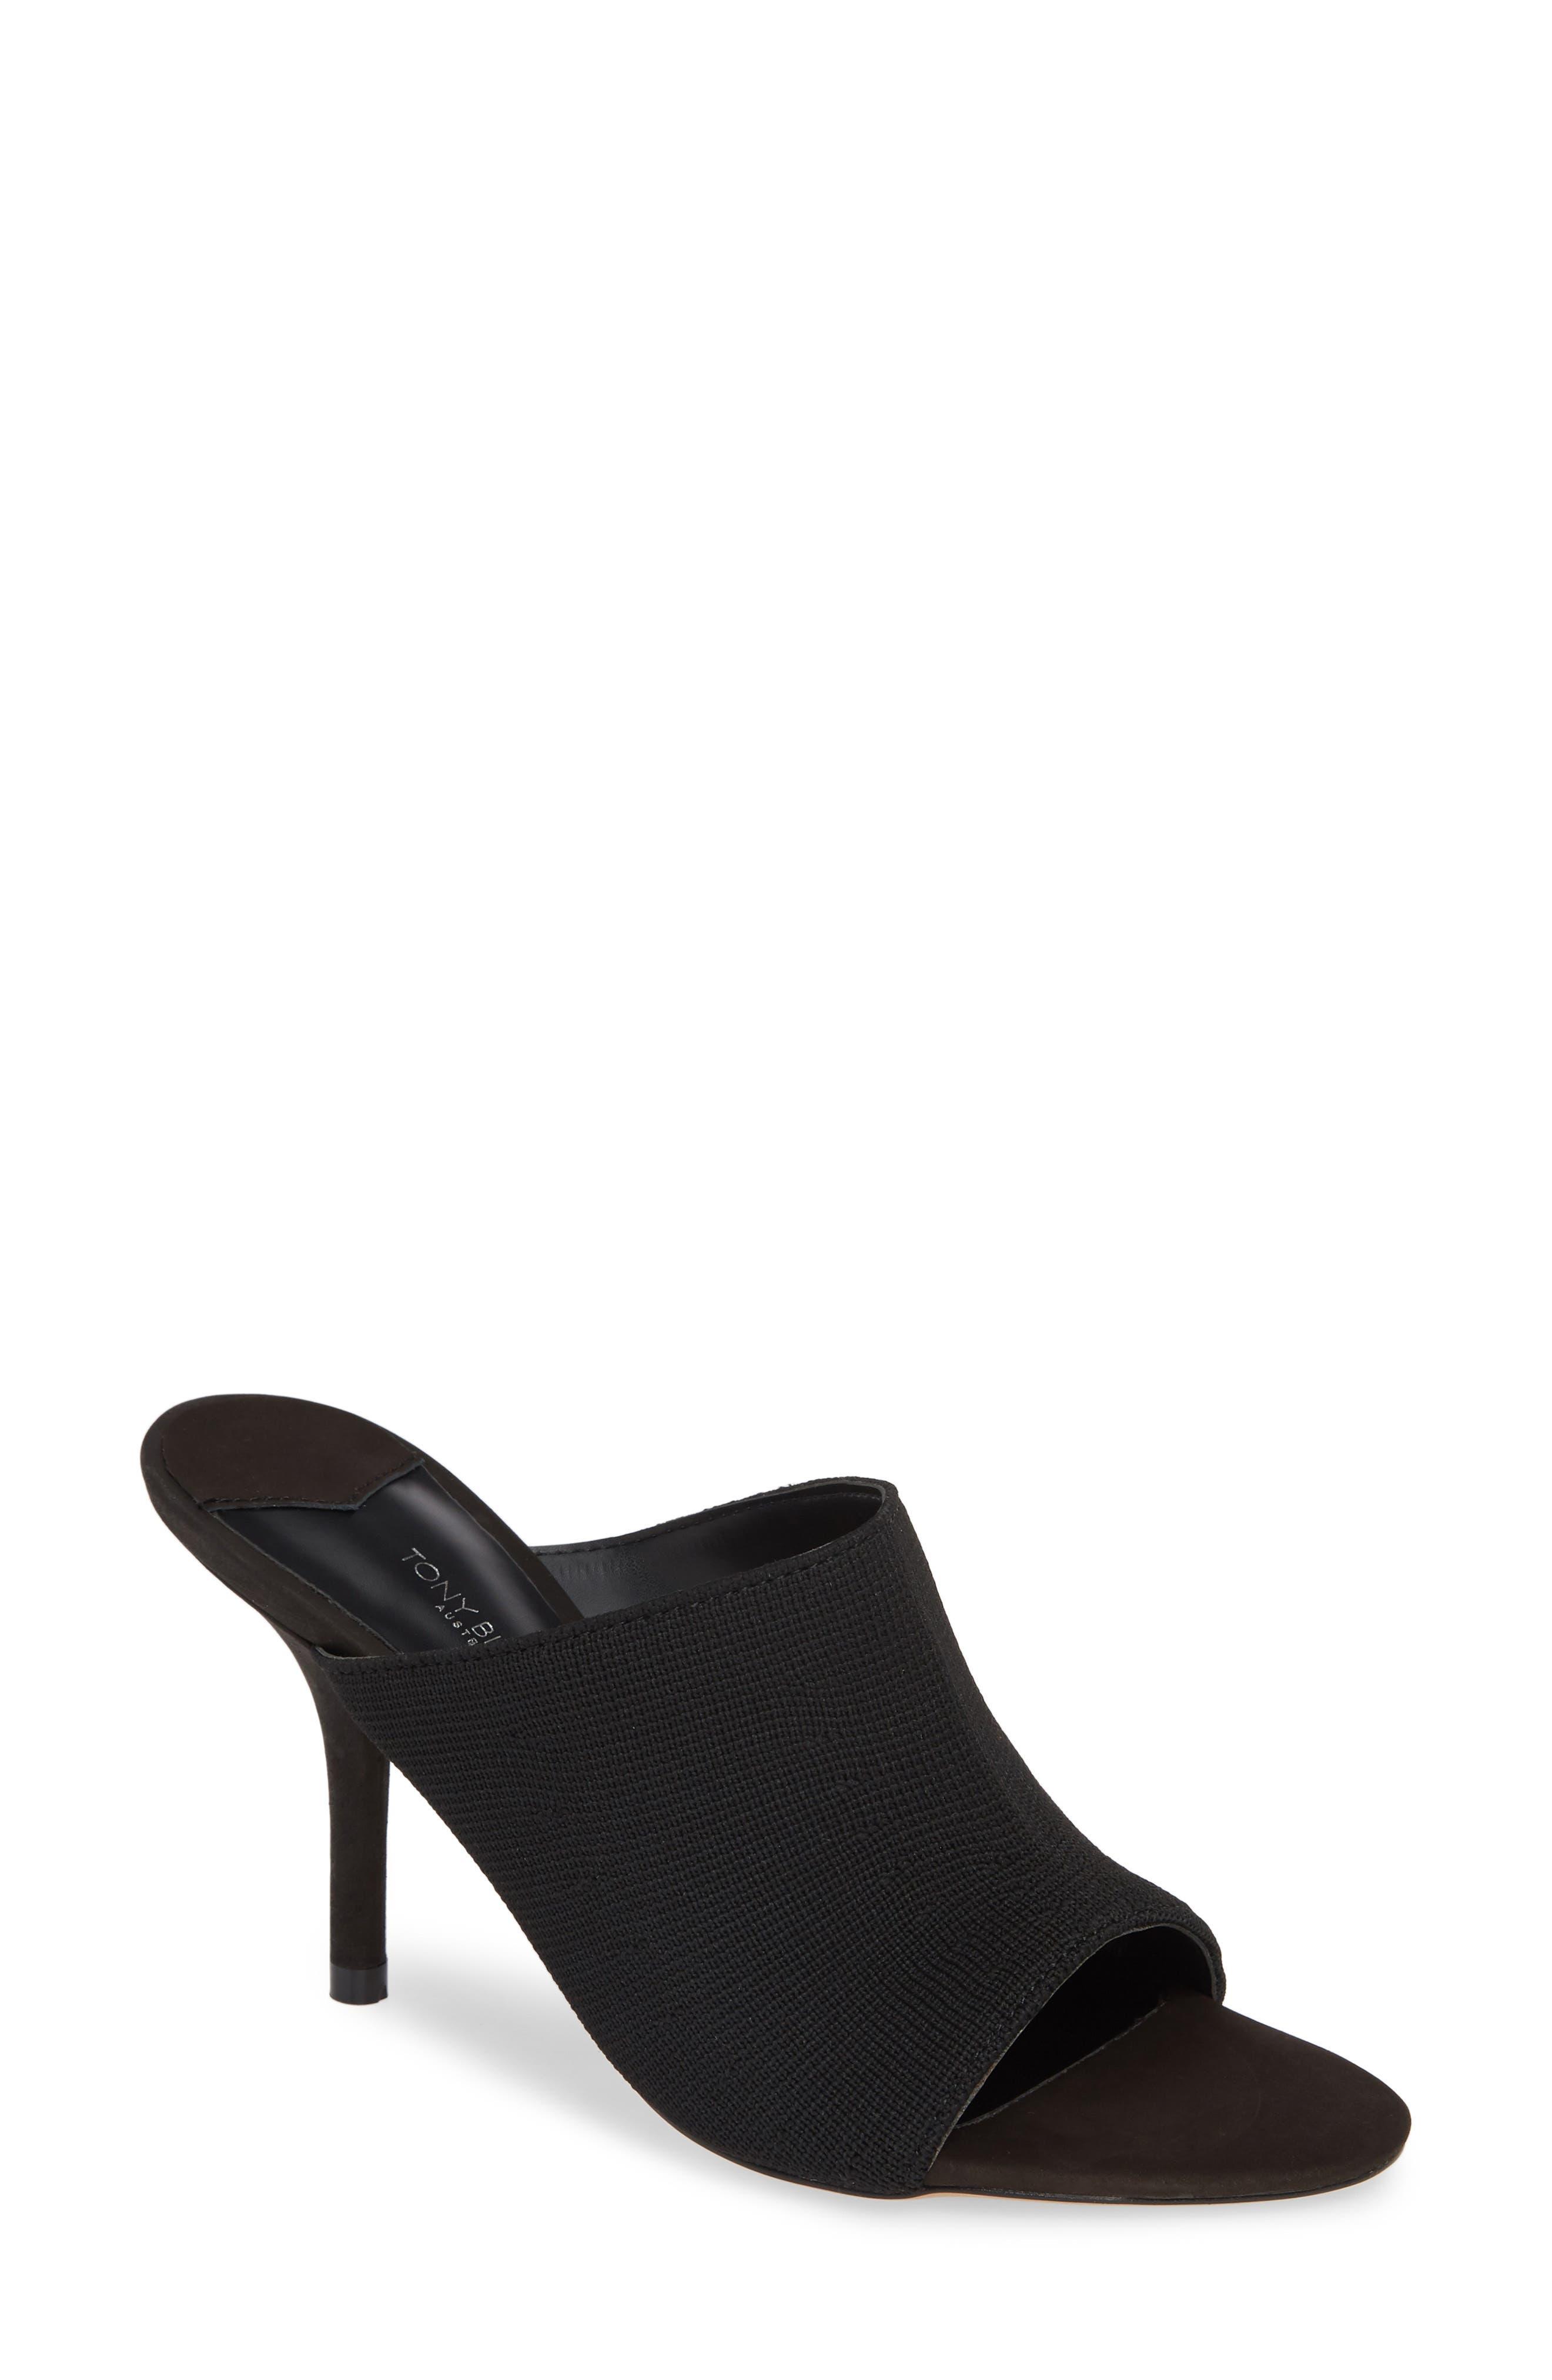 Inca Slide Sandal,                         Main,                         color, BLACK BORDEAUX FABRIC